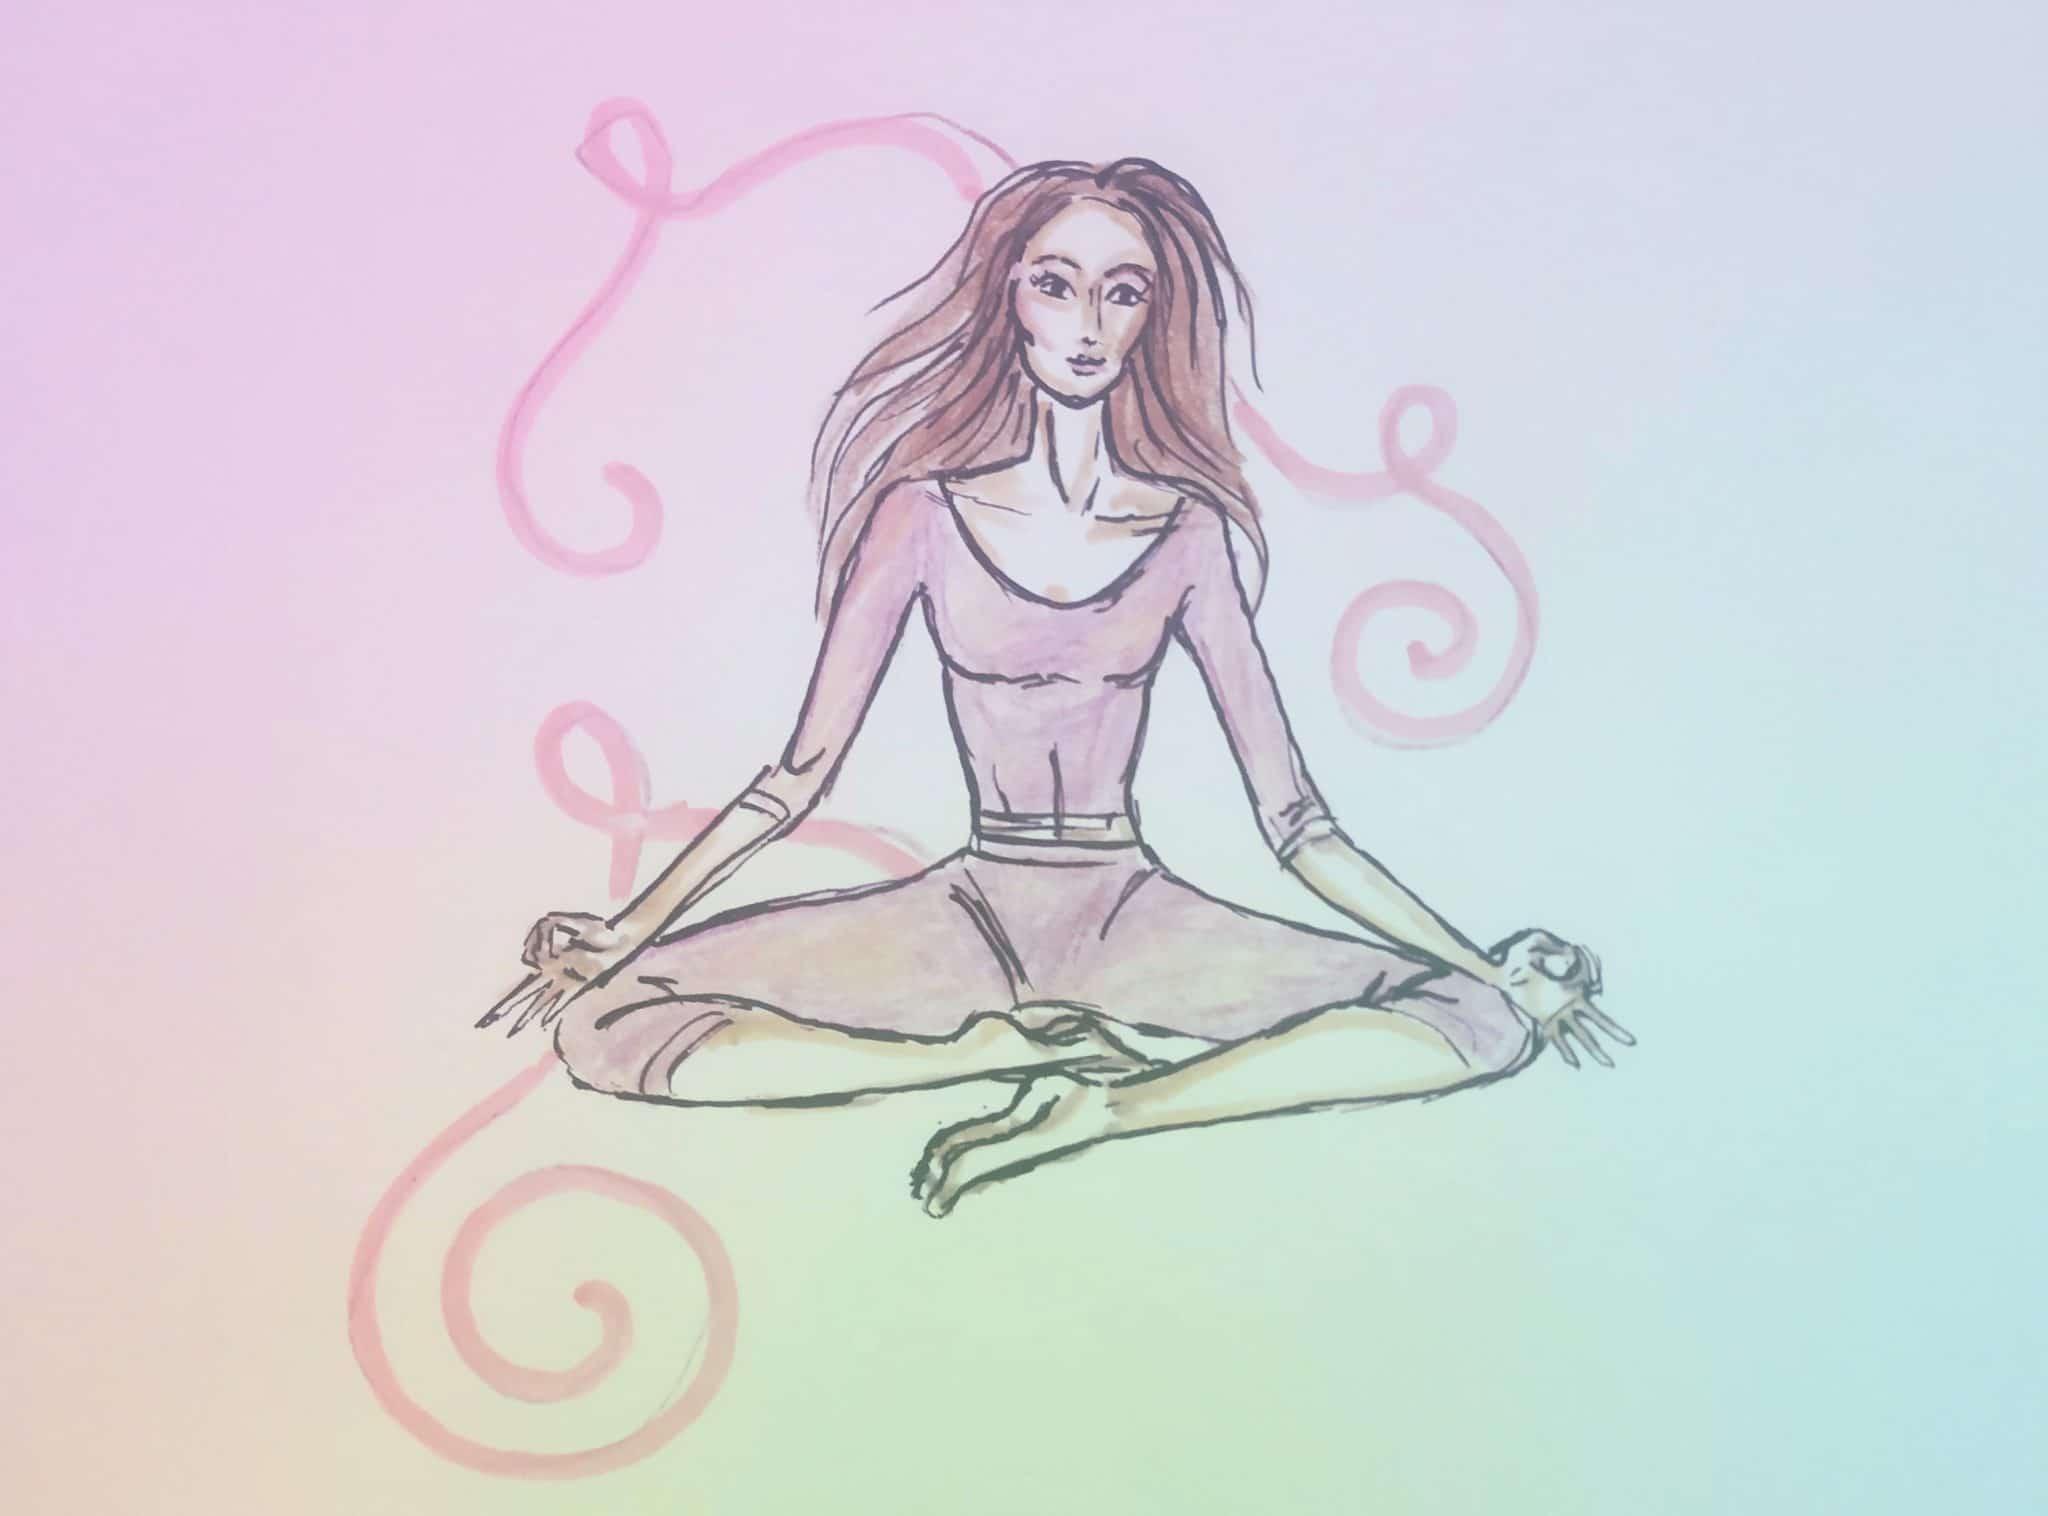 jin jóga, obrázek 2, typy jógy